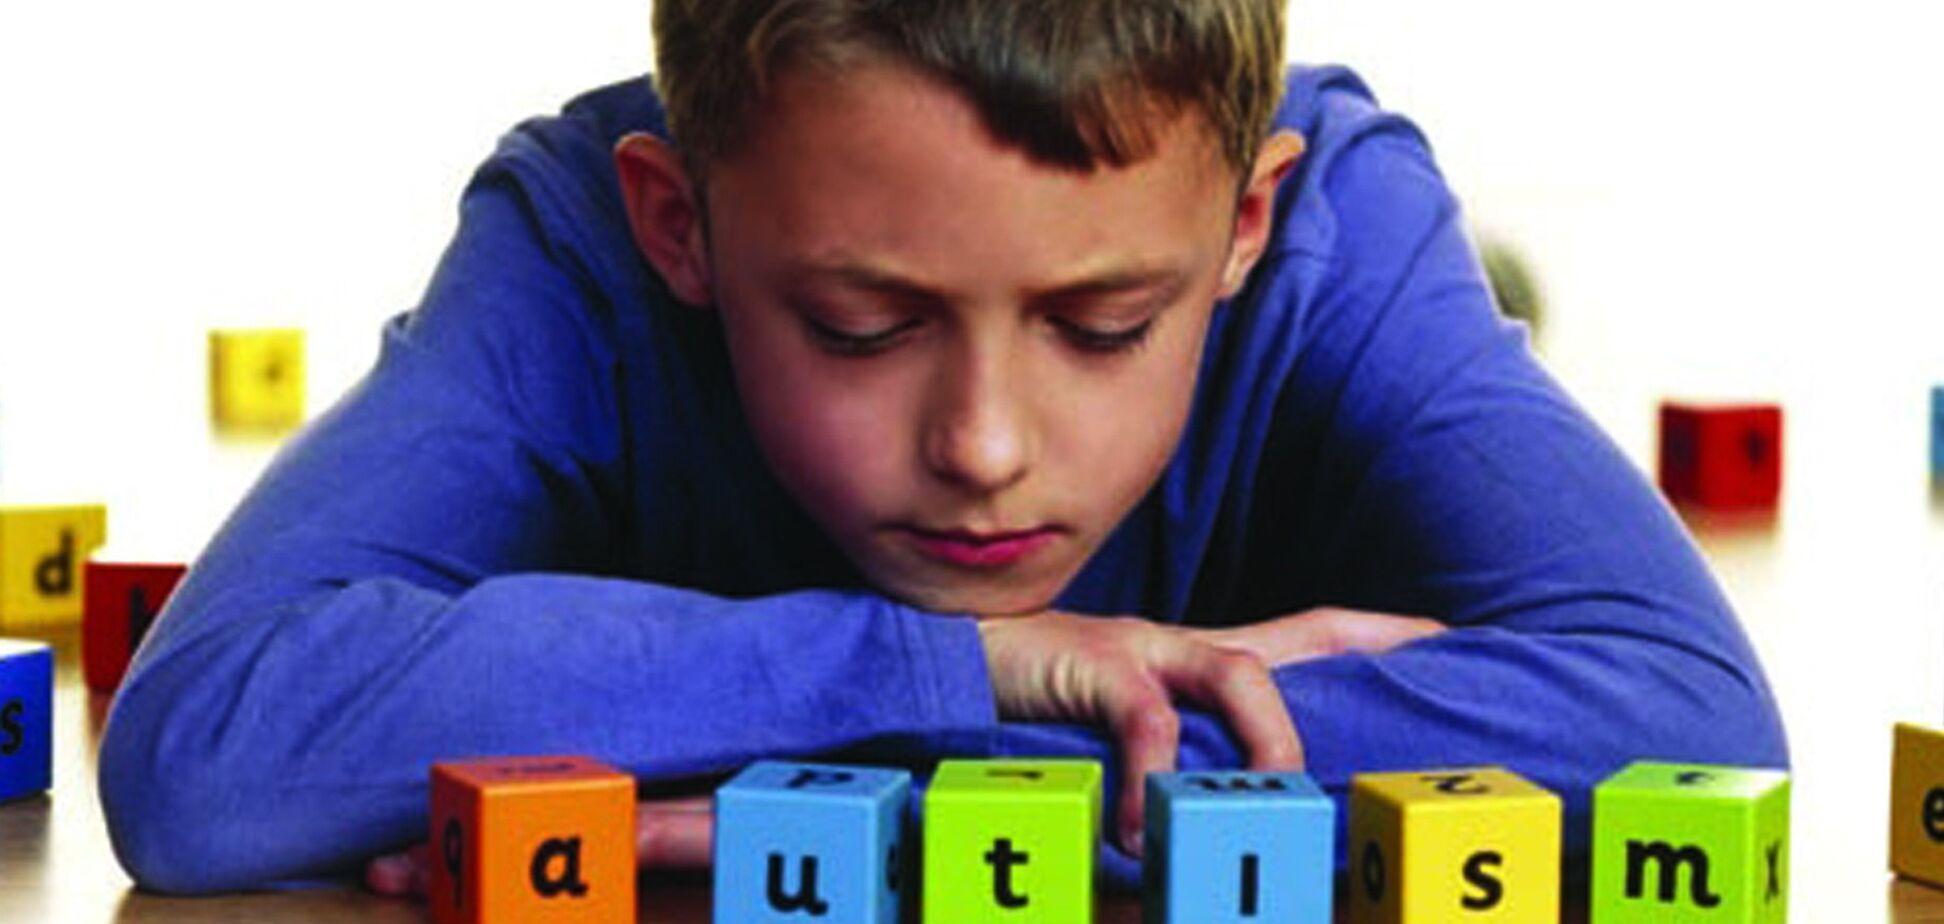 Комаровский подсказал, как помочь ребенку-аутисту